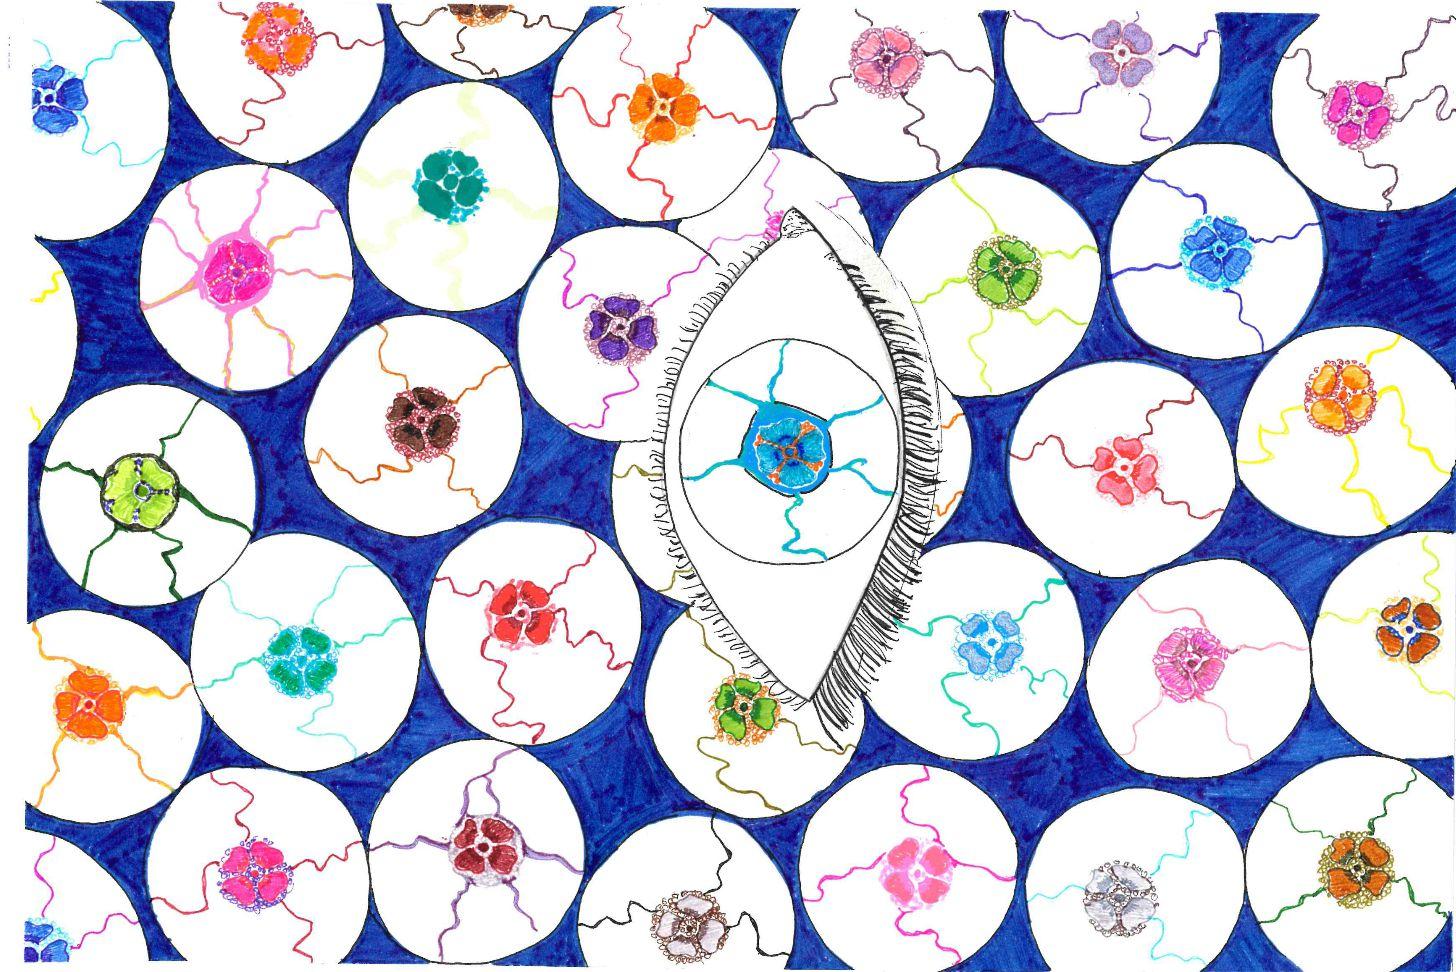 La visión del nanomundo